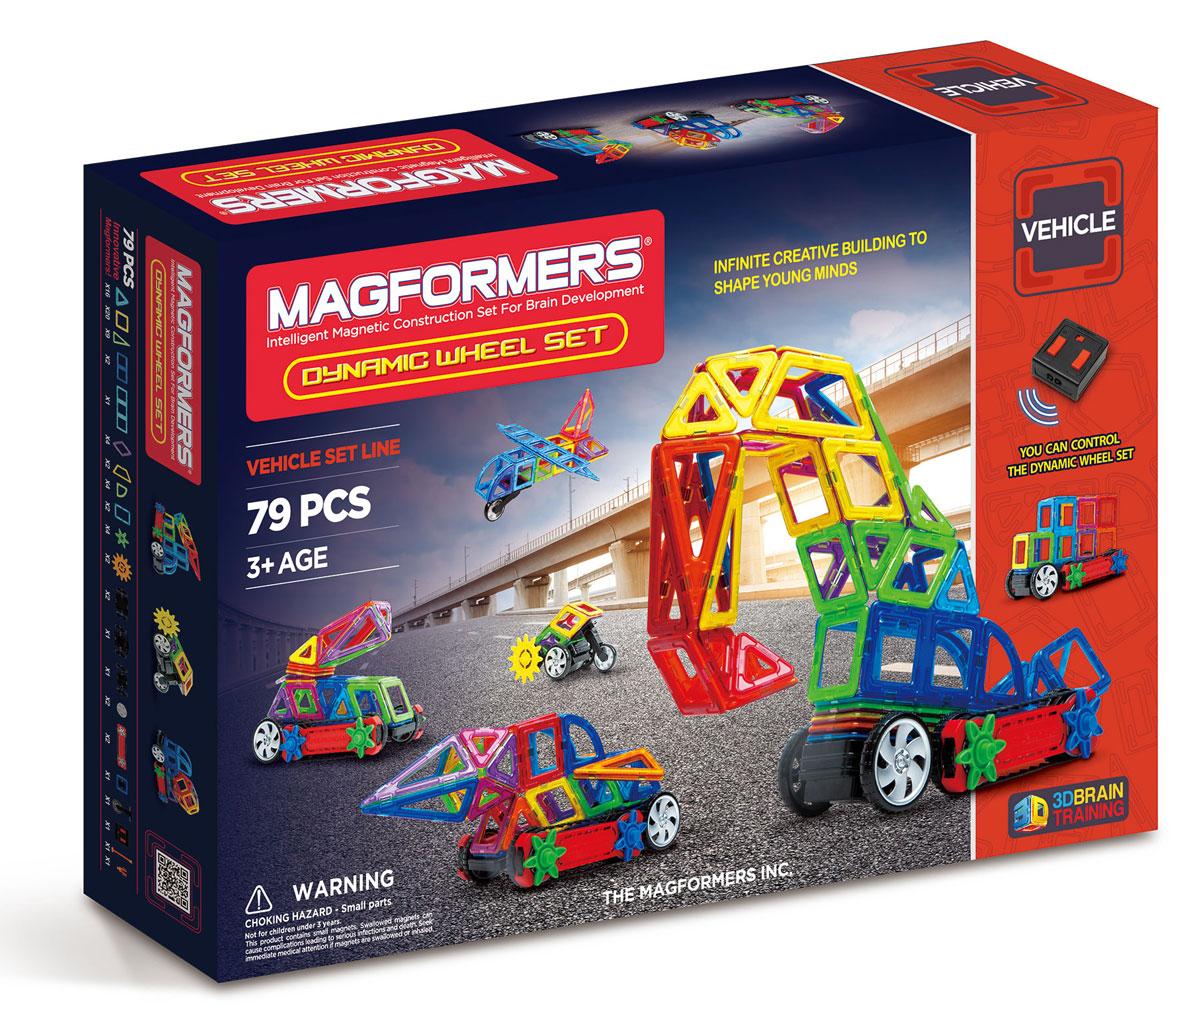 Magformers Магнитный конструктор Dynamic Wheel Set magformers магнитный конструктор my first buggy car set цвет красный